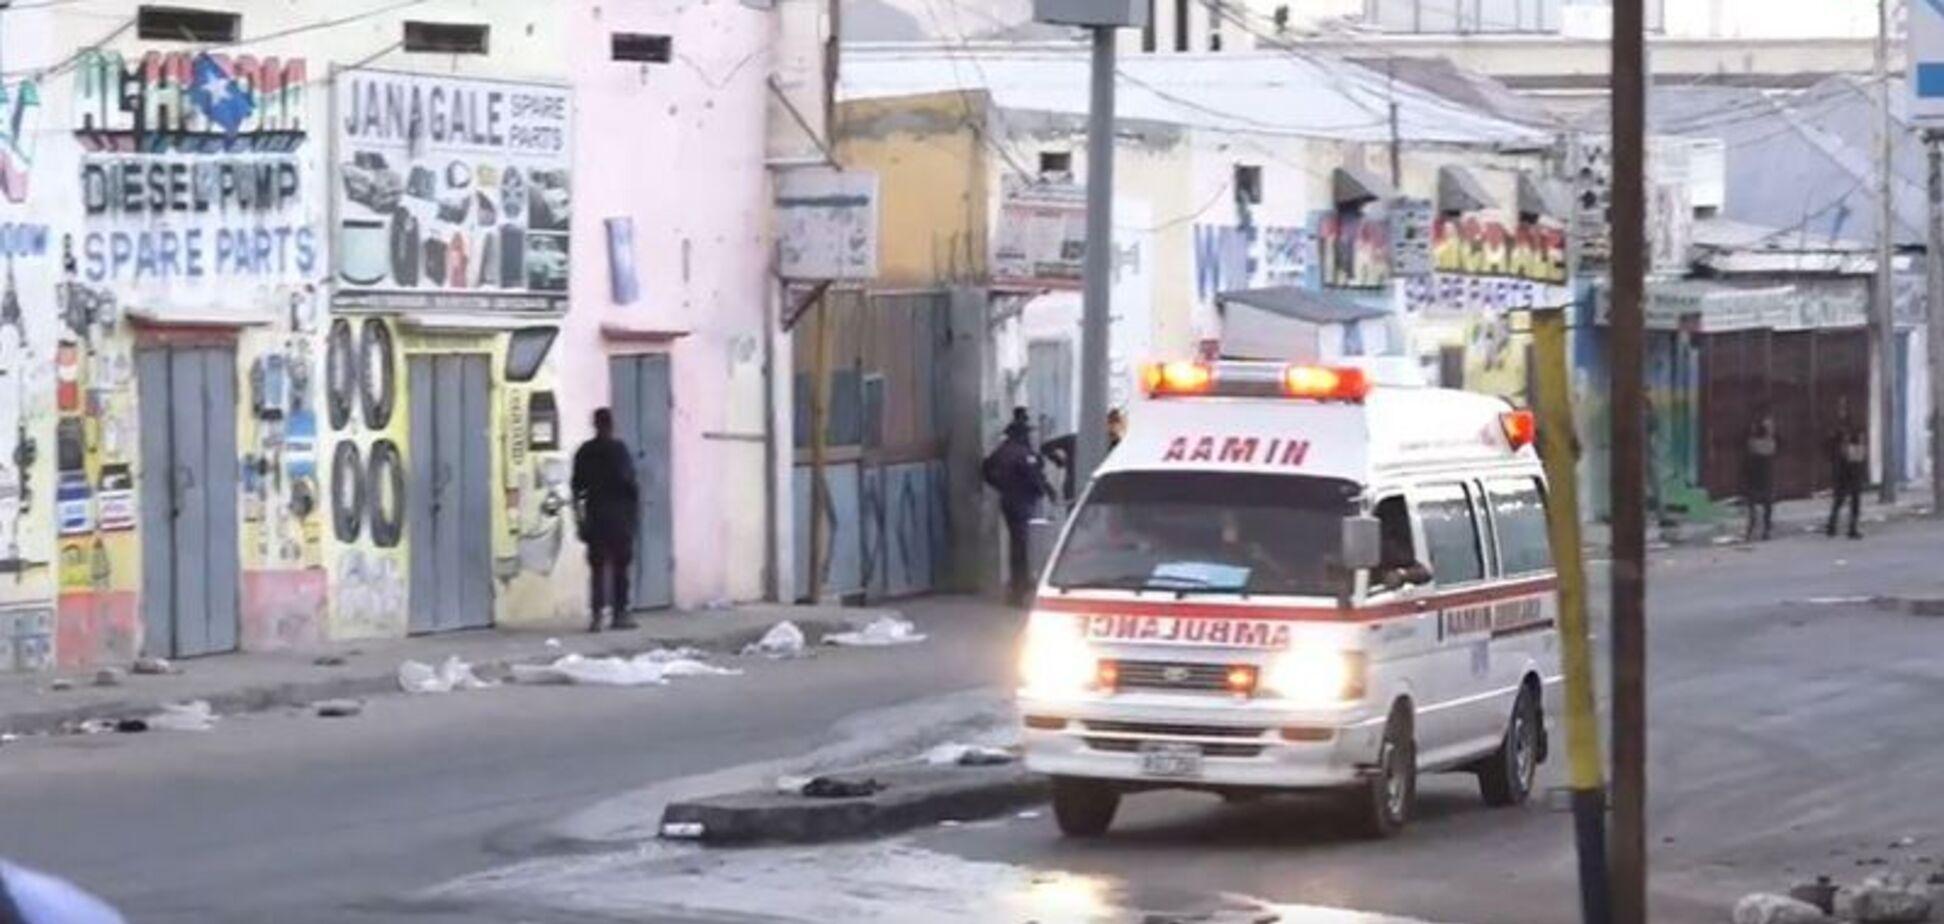 У Сомалі підірвали ресторан, загинули 20 осіб і 30 отримали поранення